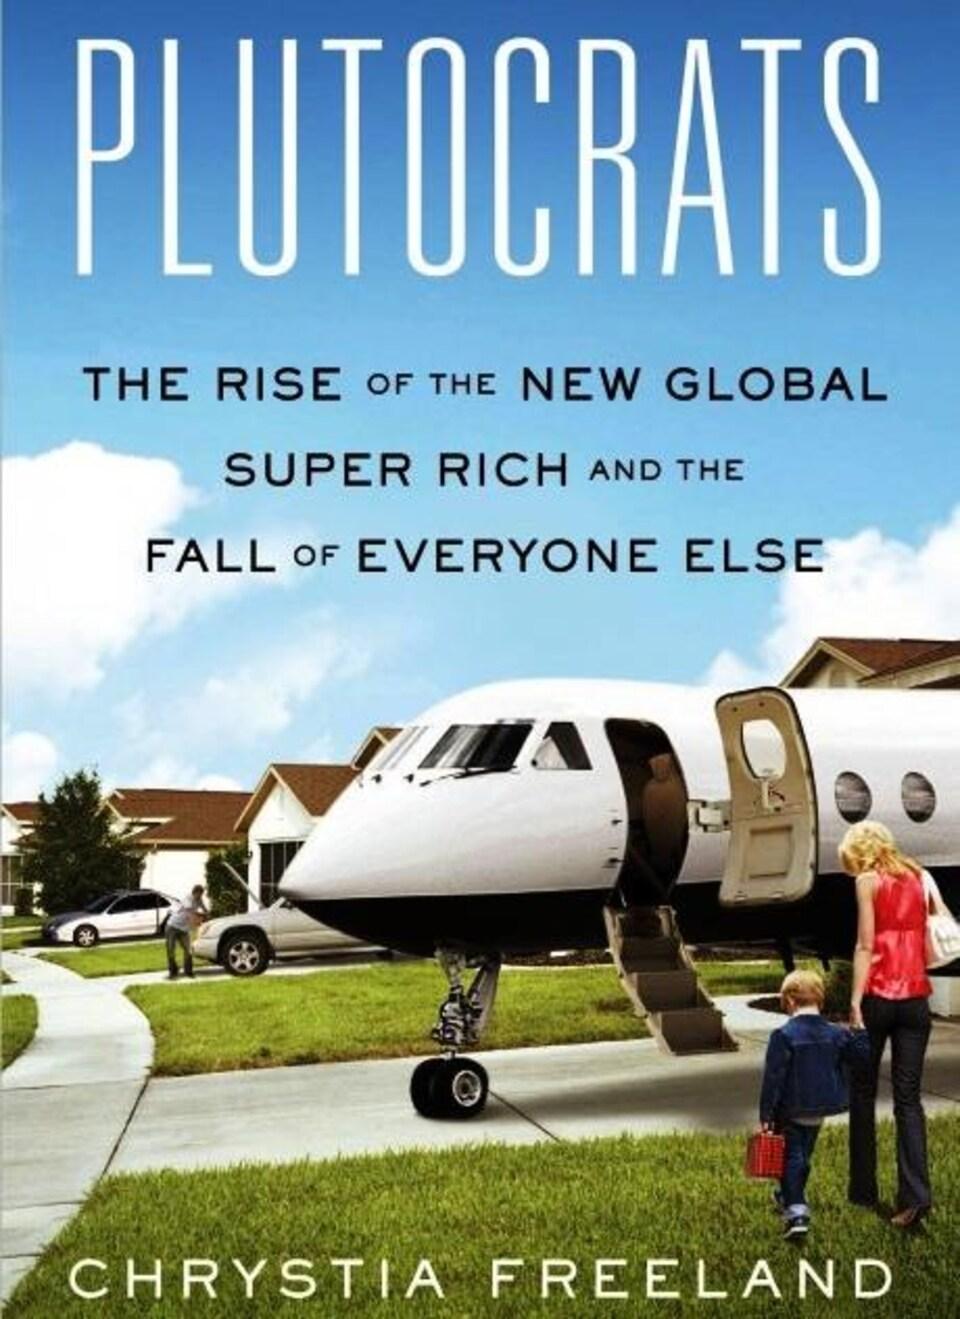 La couverture du livre Plutocrats : The Rise of the New Global Super-Rich and the Fall of Everyone Else, où un enfant et sa mère se dirigent vers un avion privé garé devant leur maison.